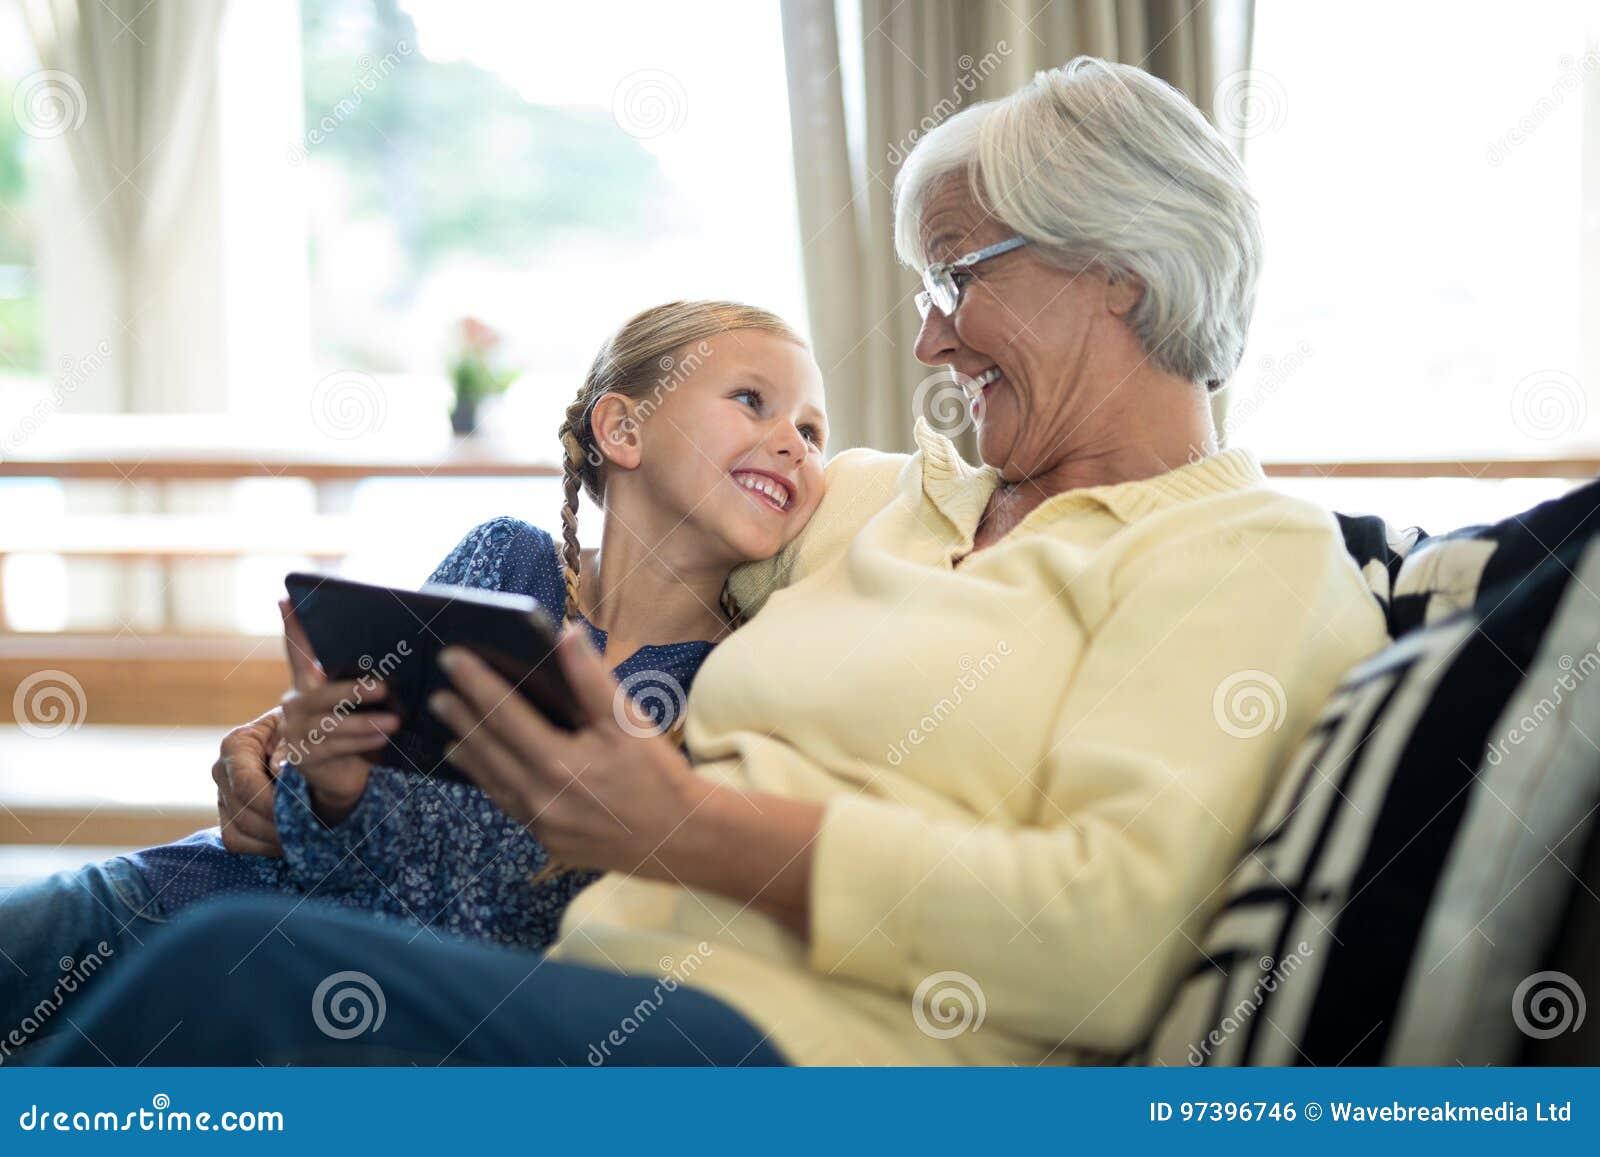 Χαμογελώντας εγγονή και γιαγιά που χρησιμοποιούν την ψηφιακή ταμπλέτα στον καναπέ